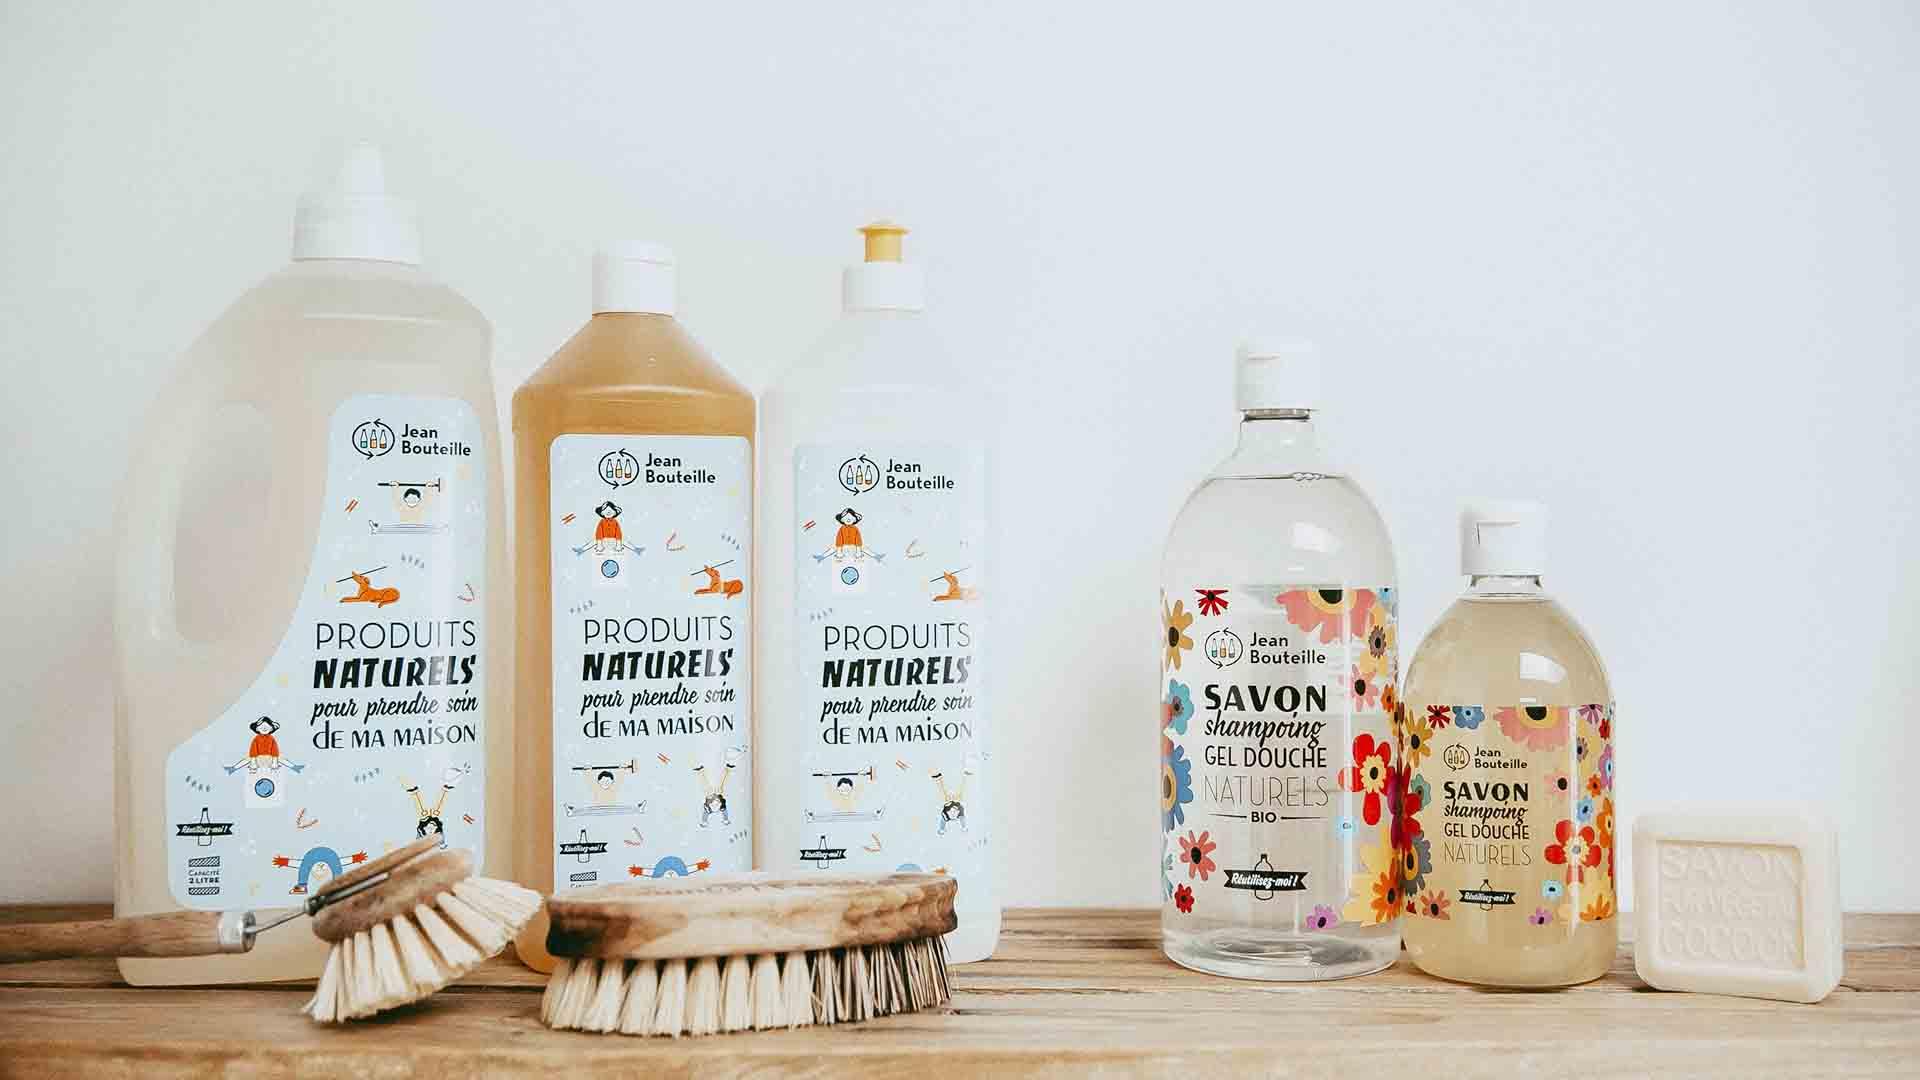 Jean Bouteille producteur vrac lessive liquide bouteille consignée